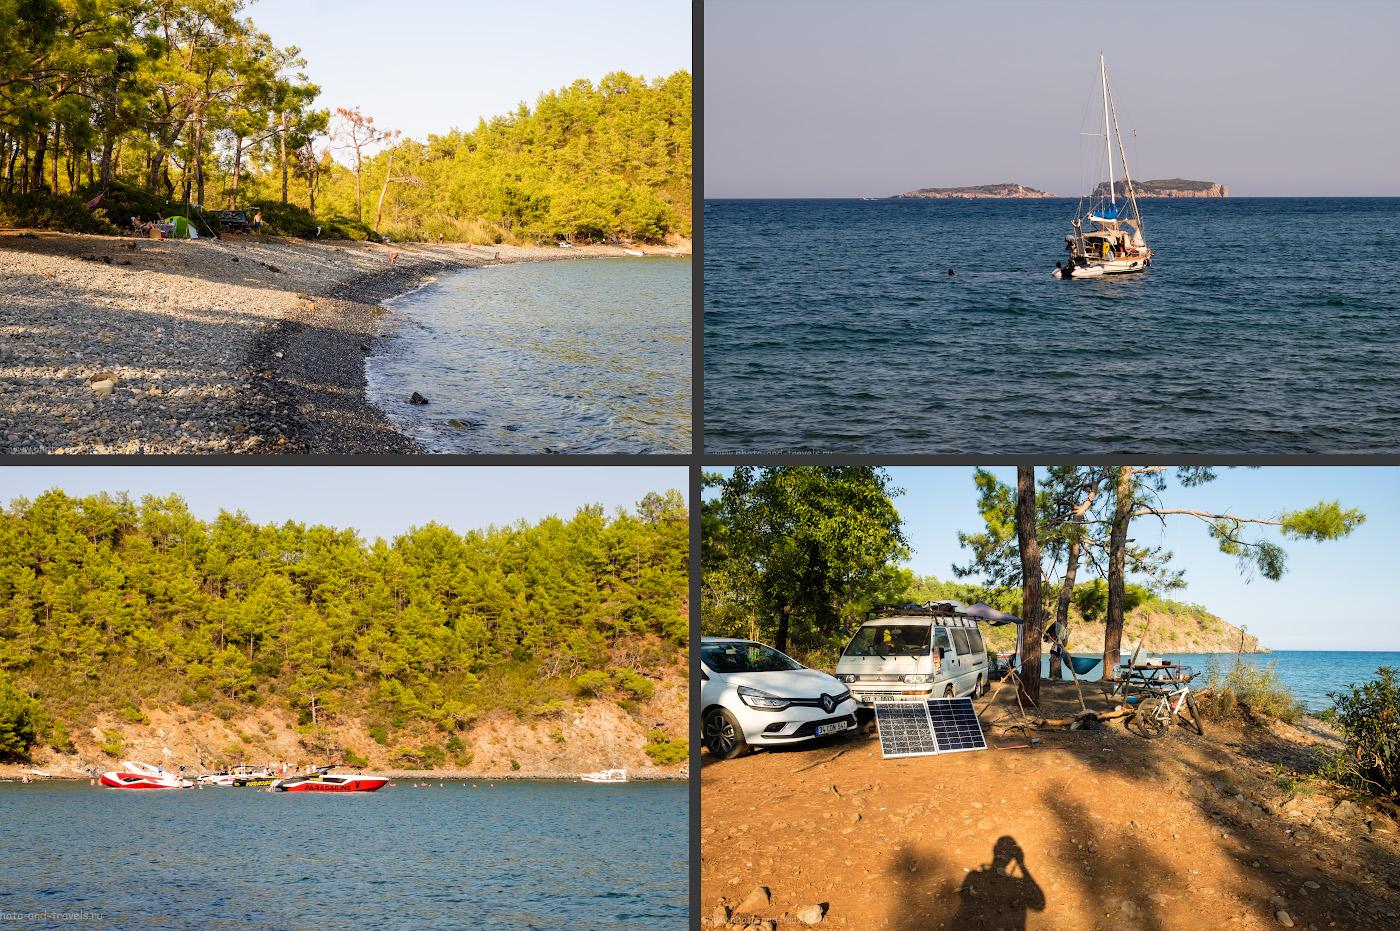 Фотография 10. Райская бухта Аладжасу-кою (Alaçasu Koyu), расположенная рядом с поселком Текирова (Тekirova). Куда не стоит ехать, отдыхая в Кемере или Чиралы?